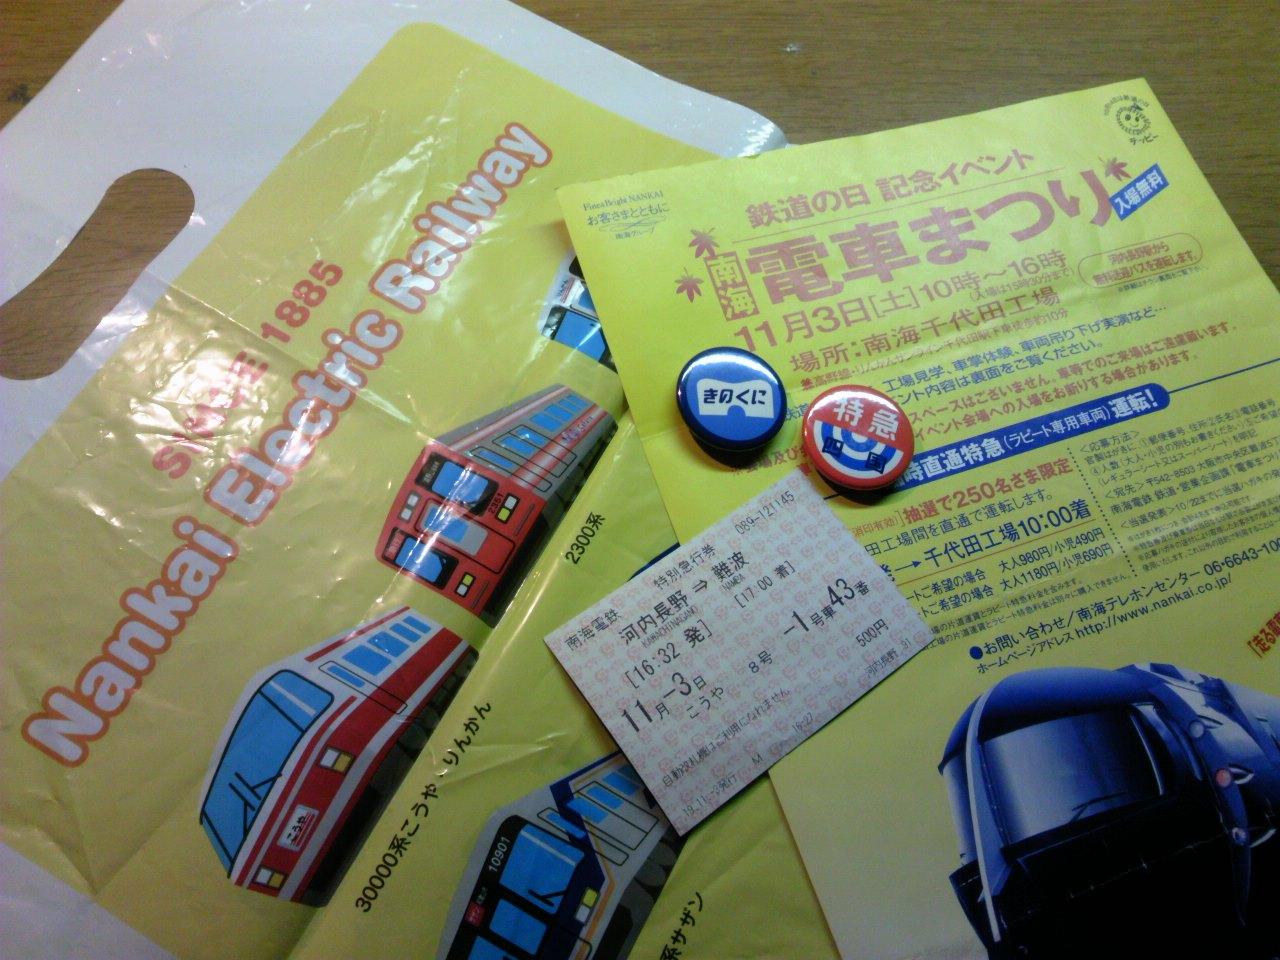 TS3V0750.jpg